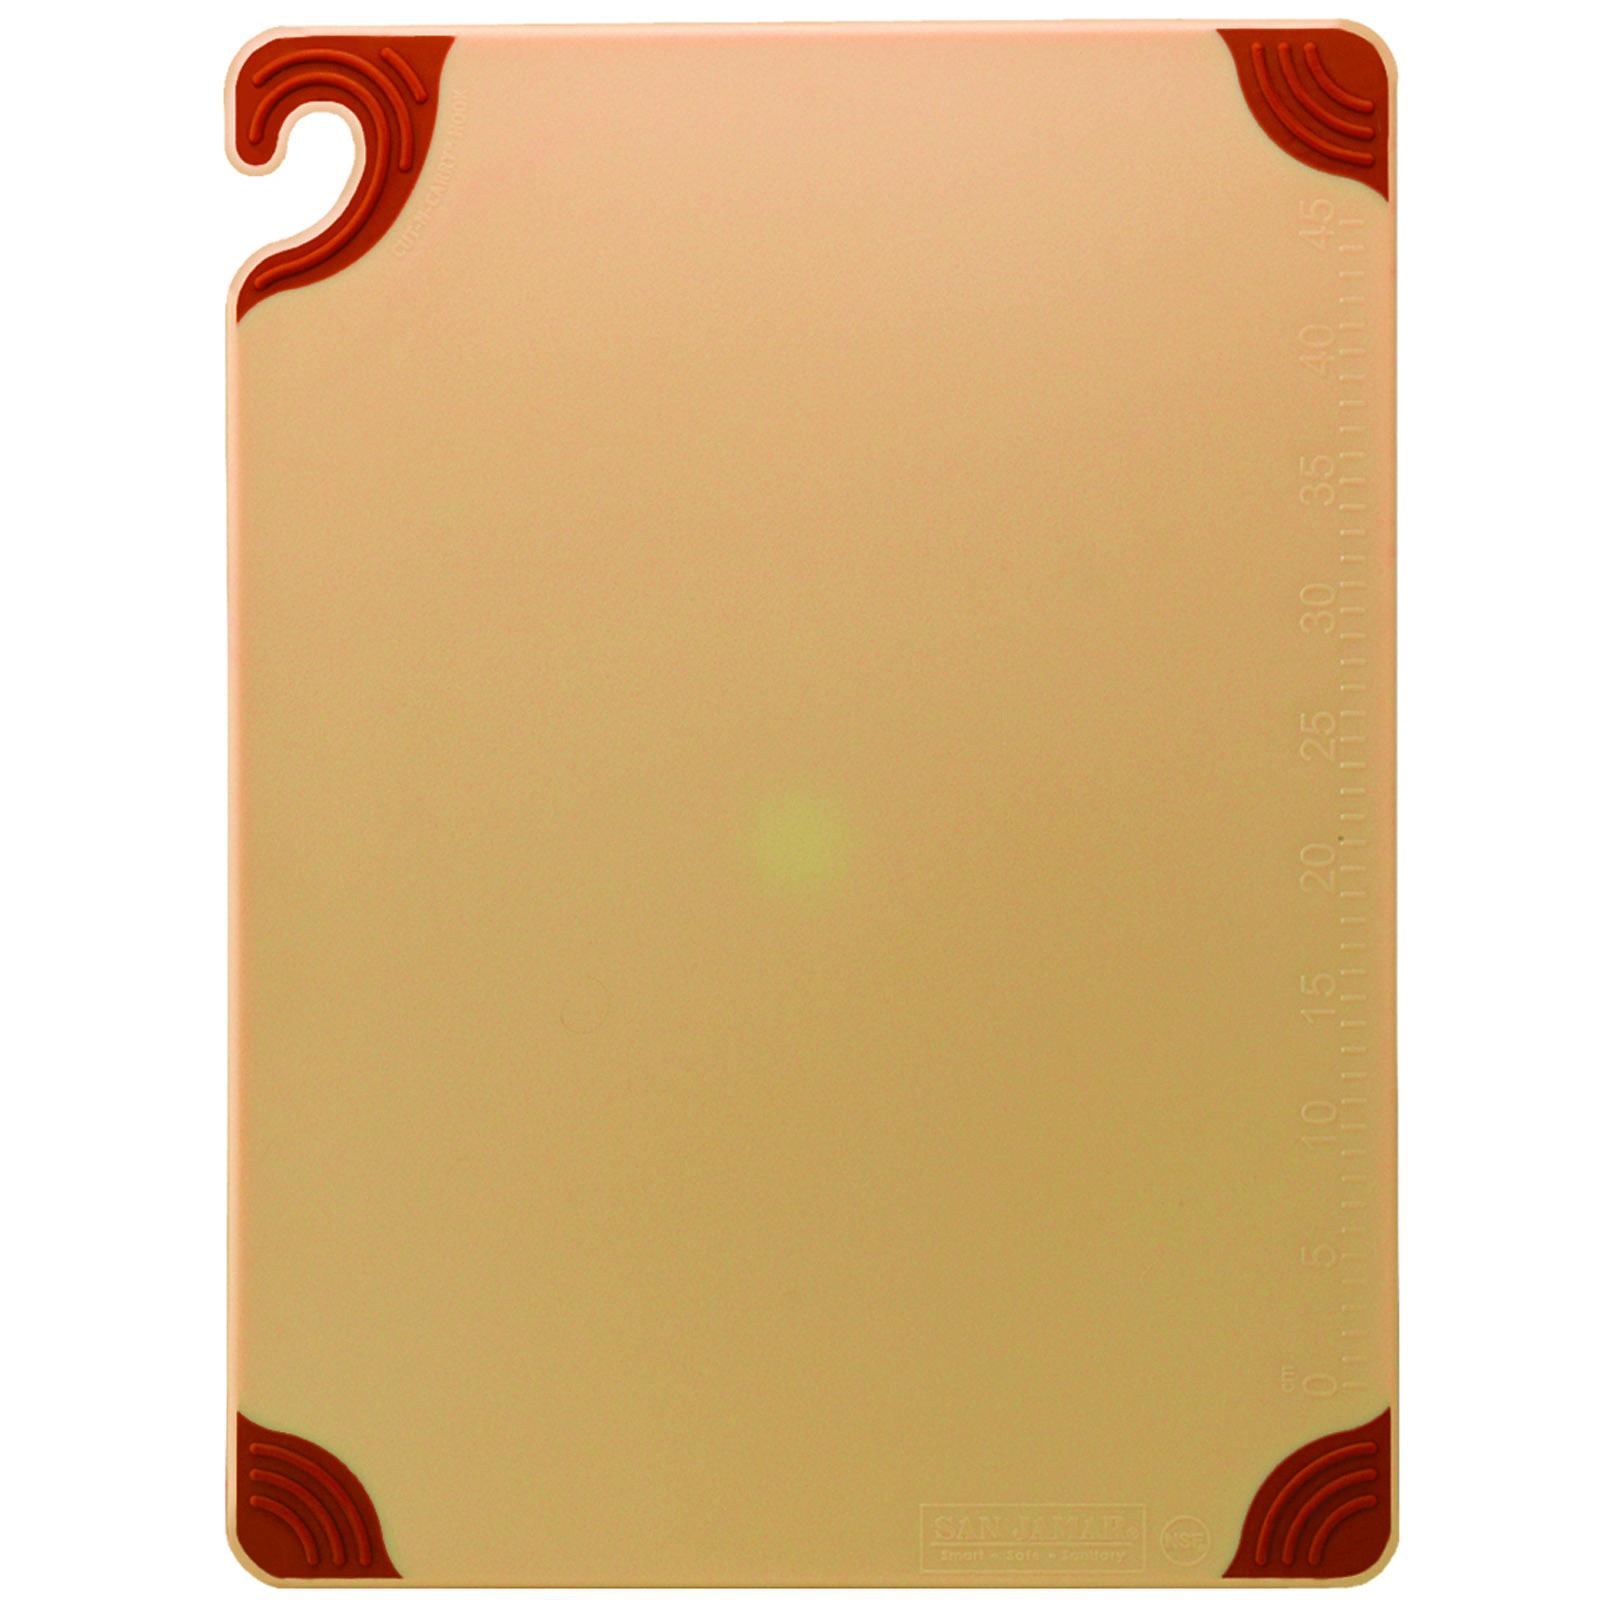 San Jamar CBG152012BR cutting board, plastic